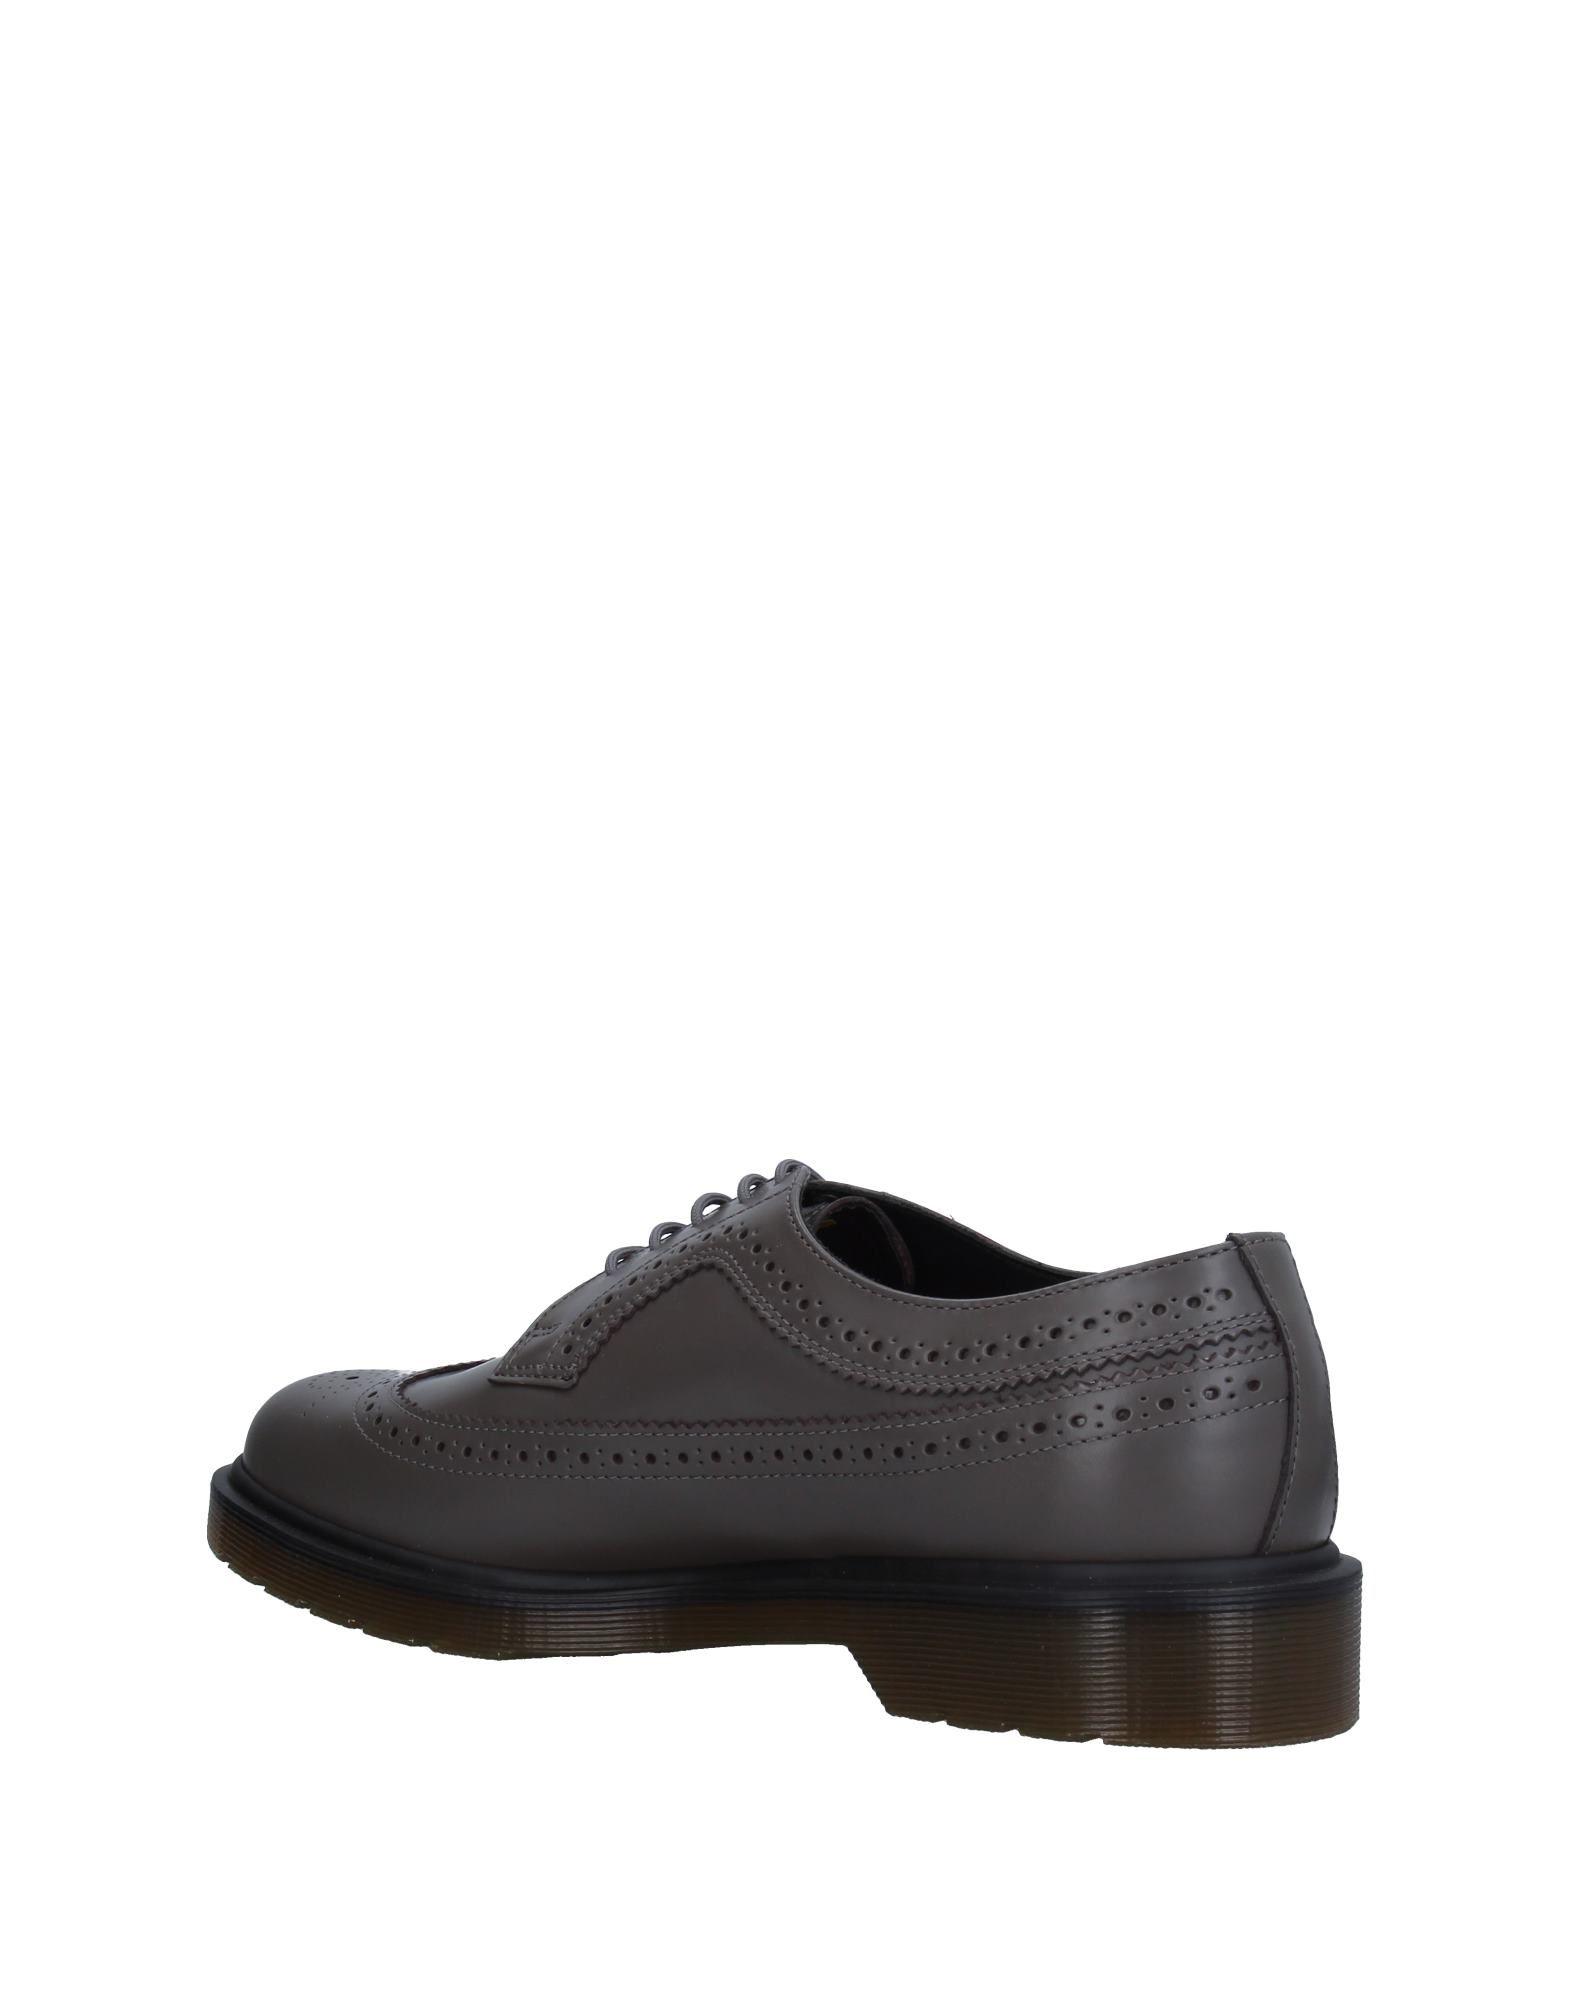 Rabatt Schnürschuhe echte Schuhe Dr. Martens Schnürschuhe Rabatt Herren  11242858PH a1cdb8